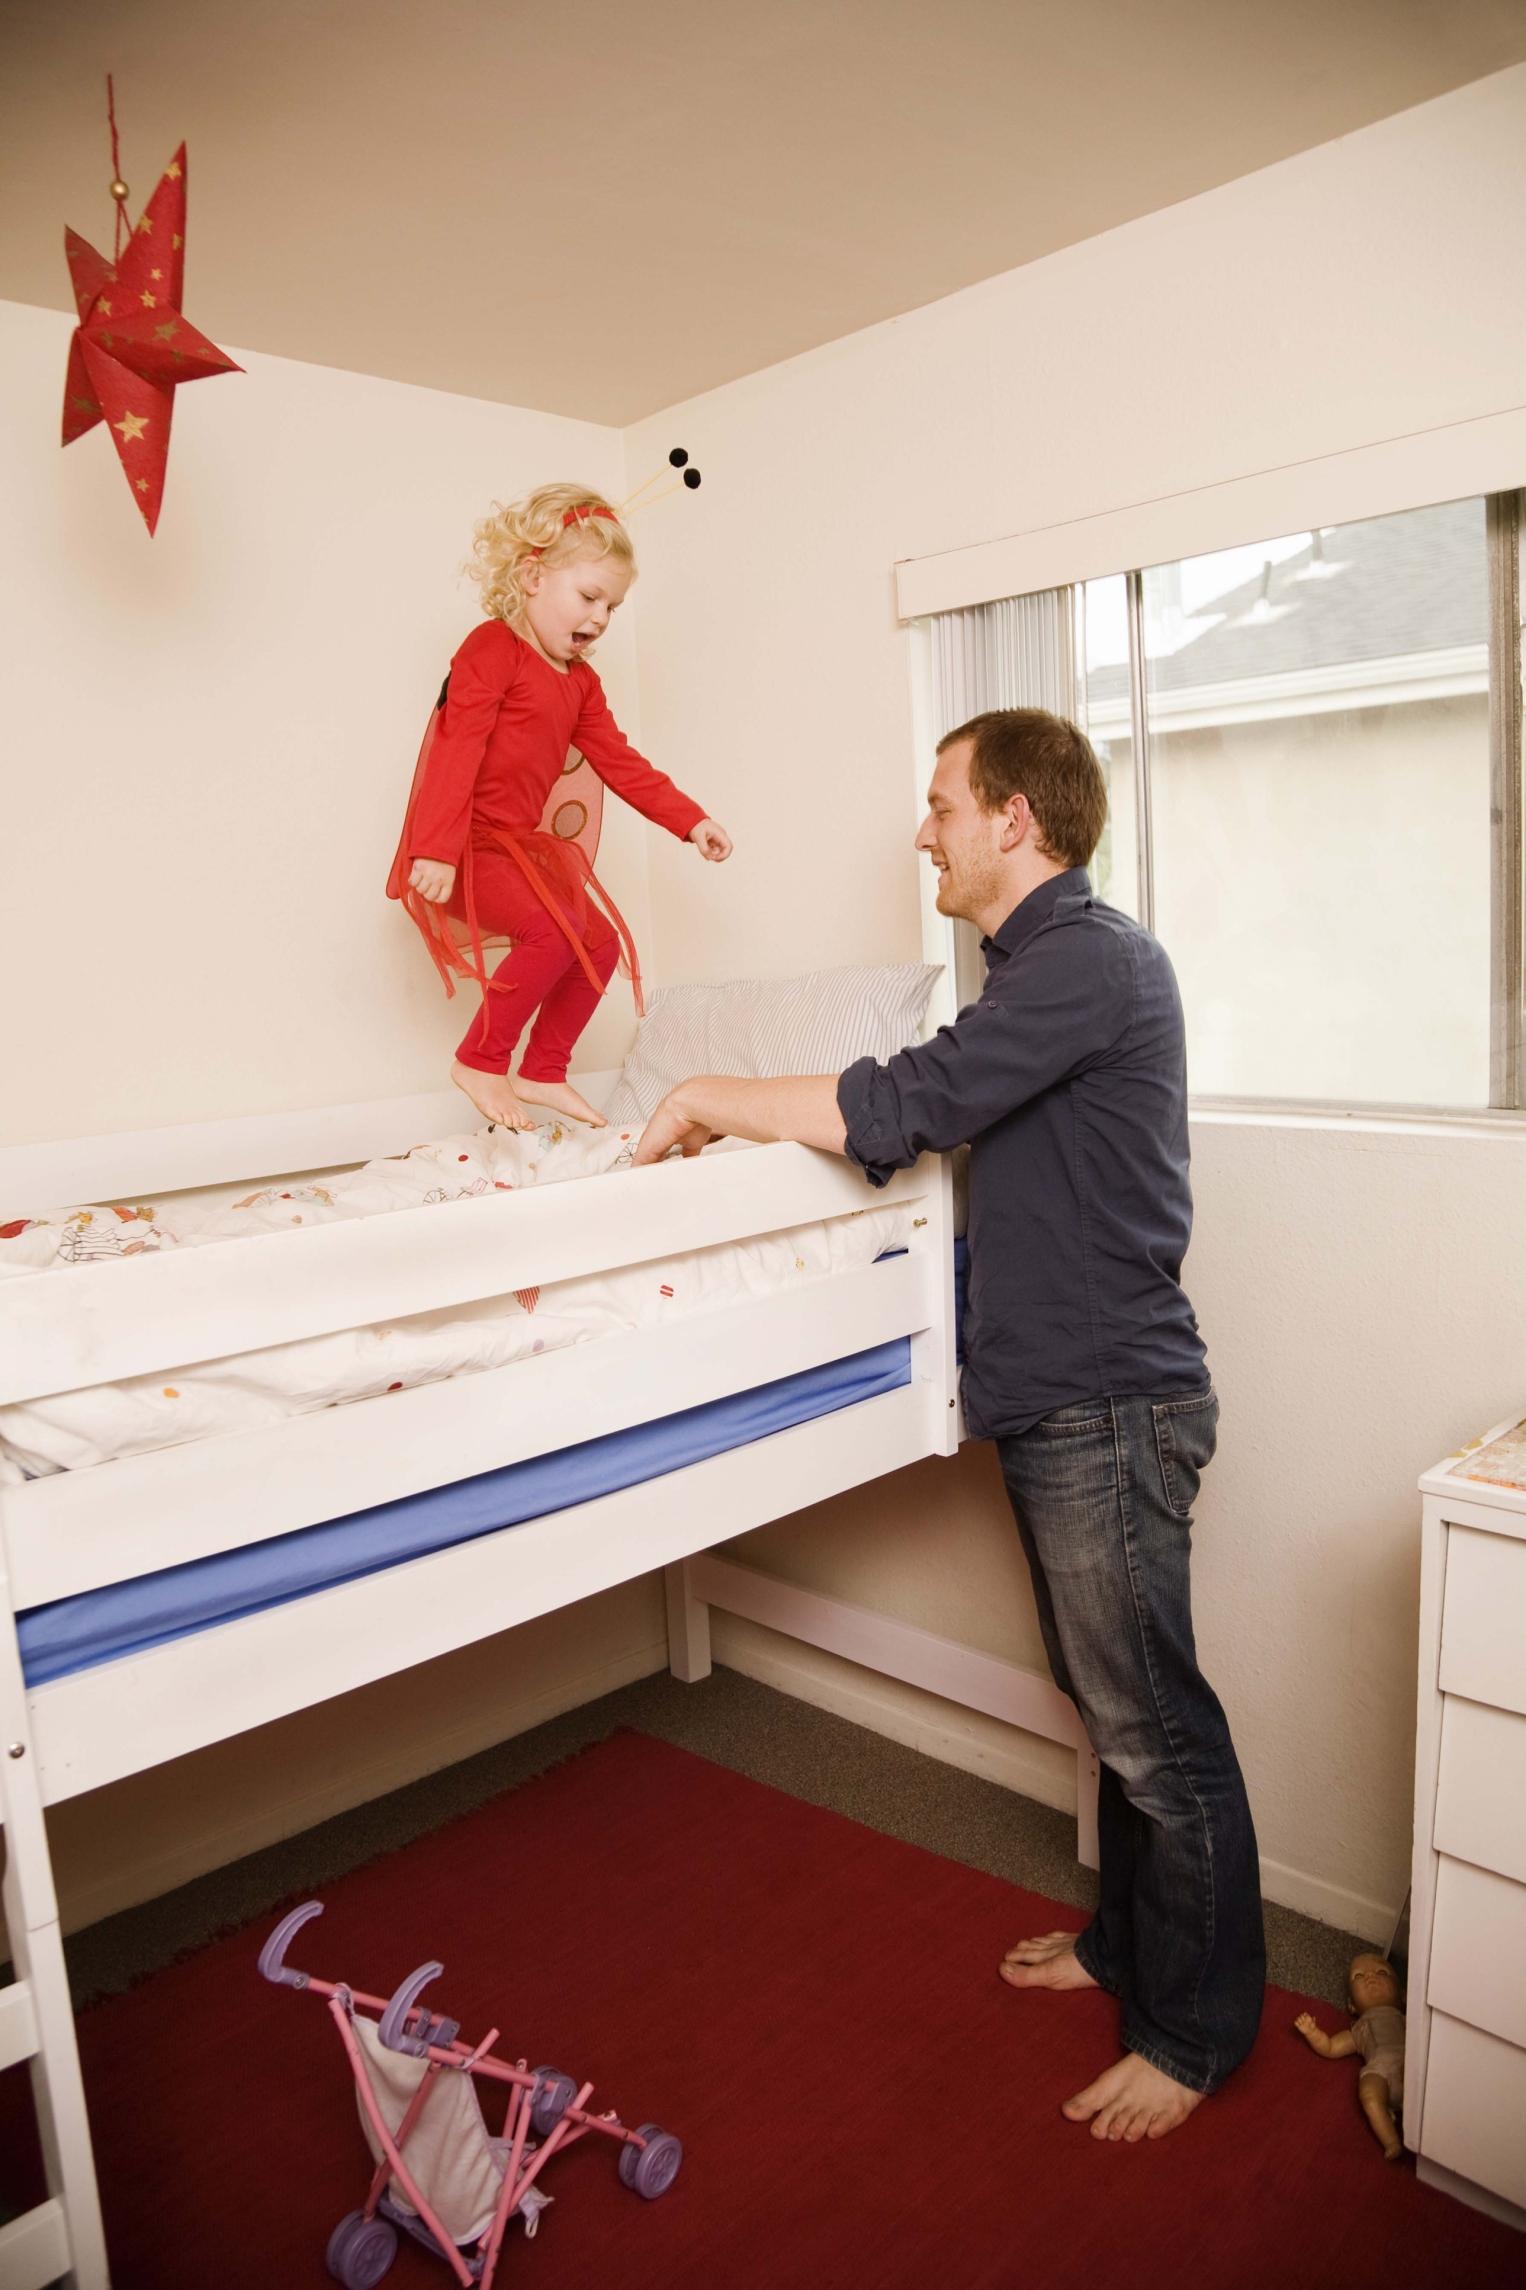 Cómo construir una cama litera con pilares de 4x4? |